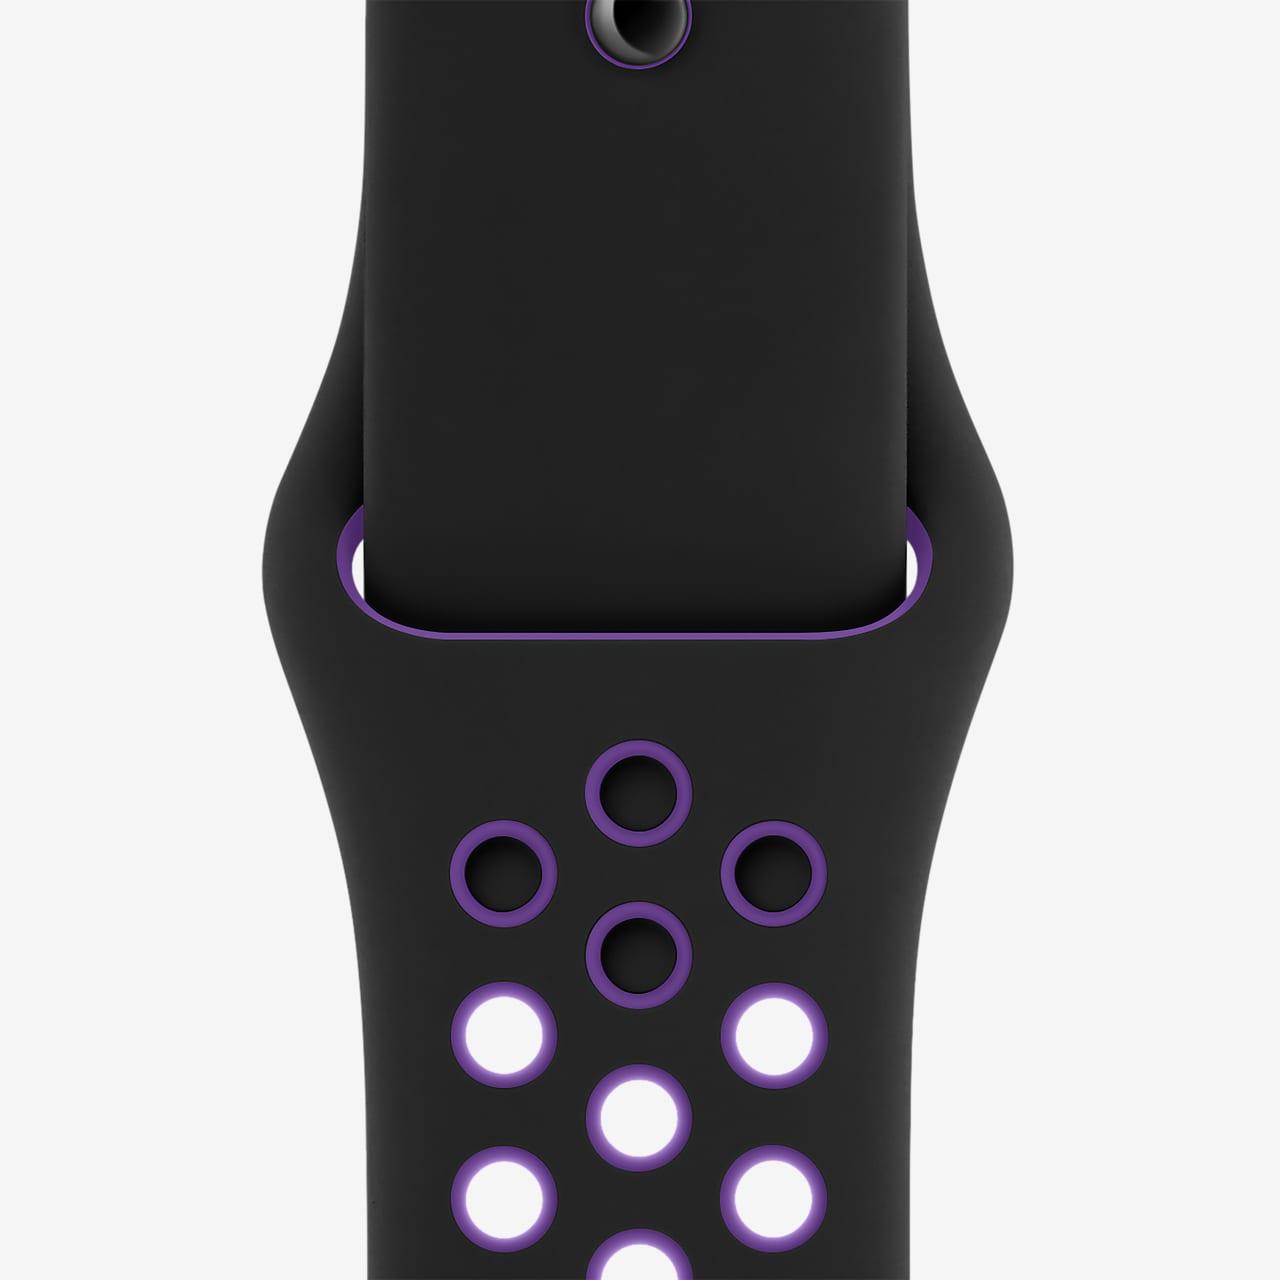 44 毫米黑/超级葡萄紫 Nike 运动表带 - 标准号